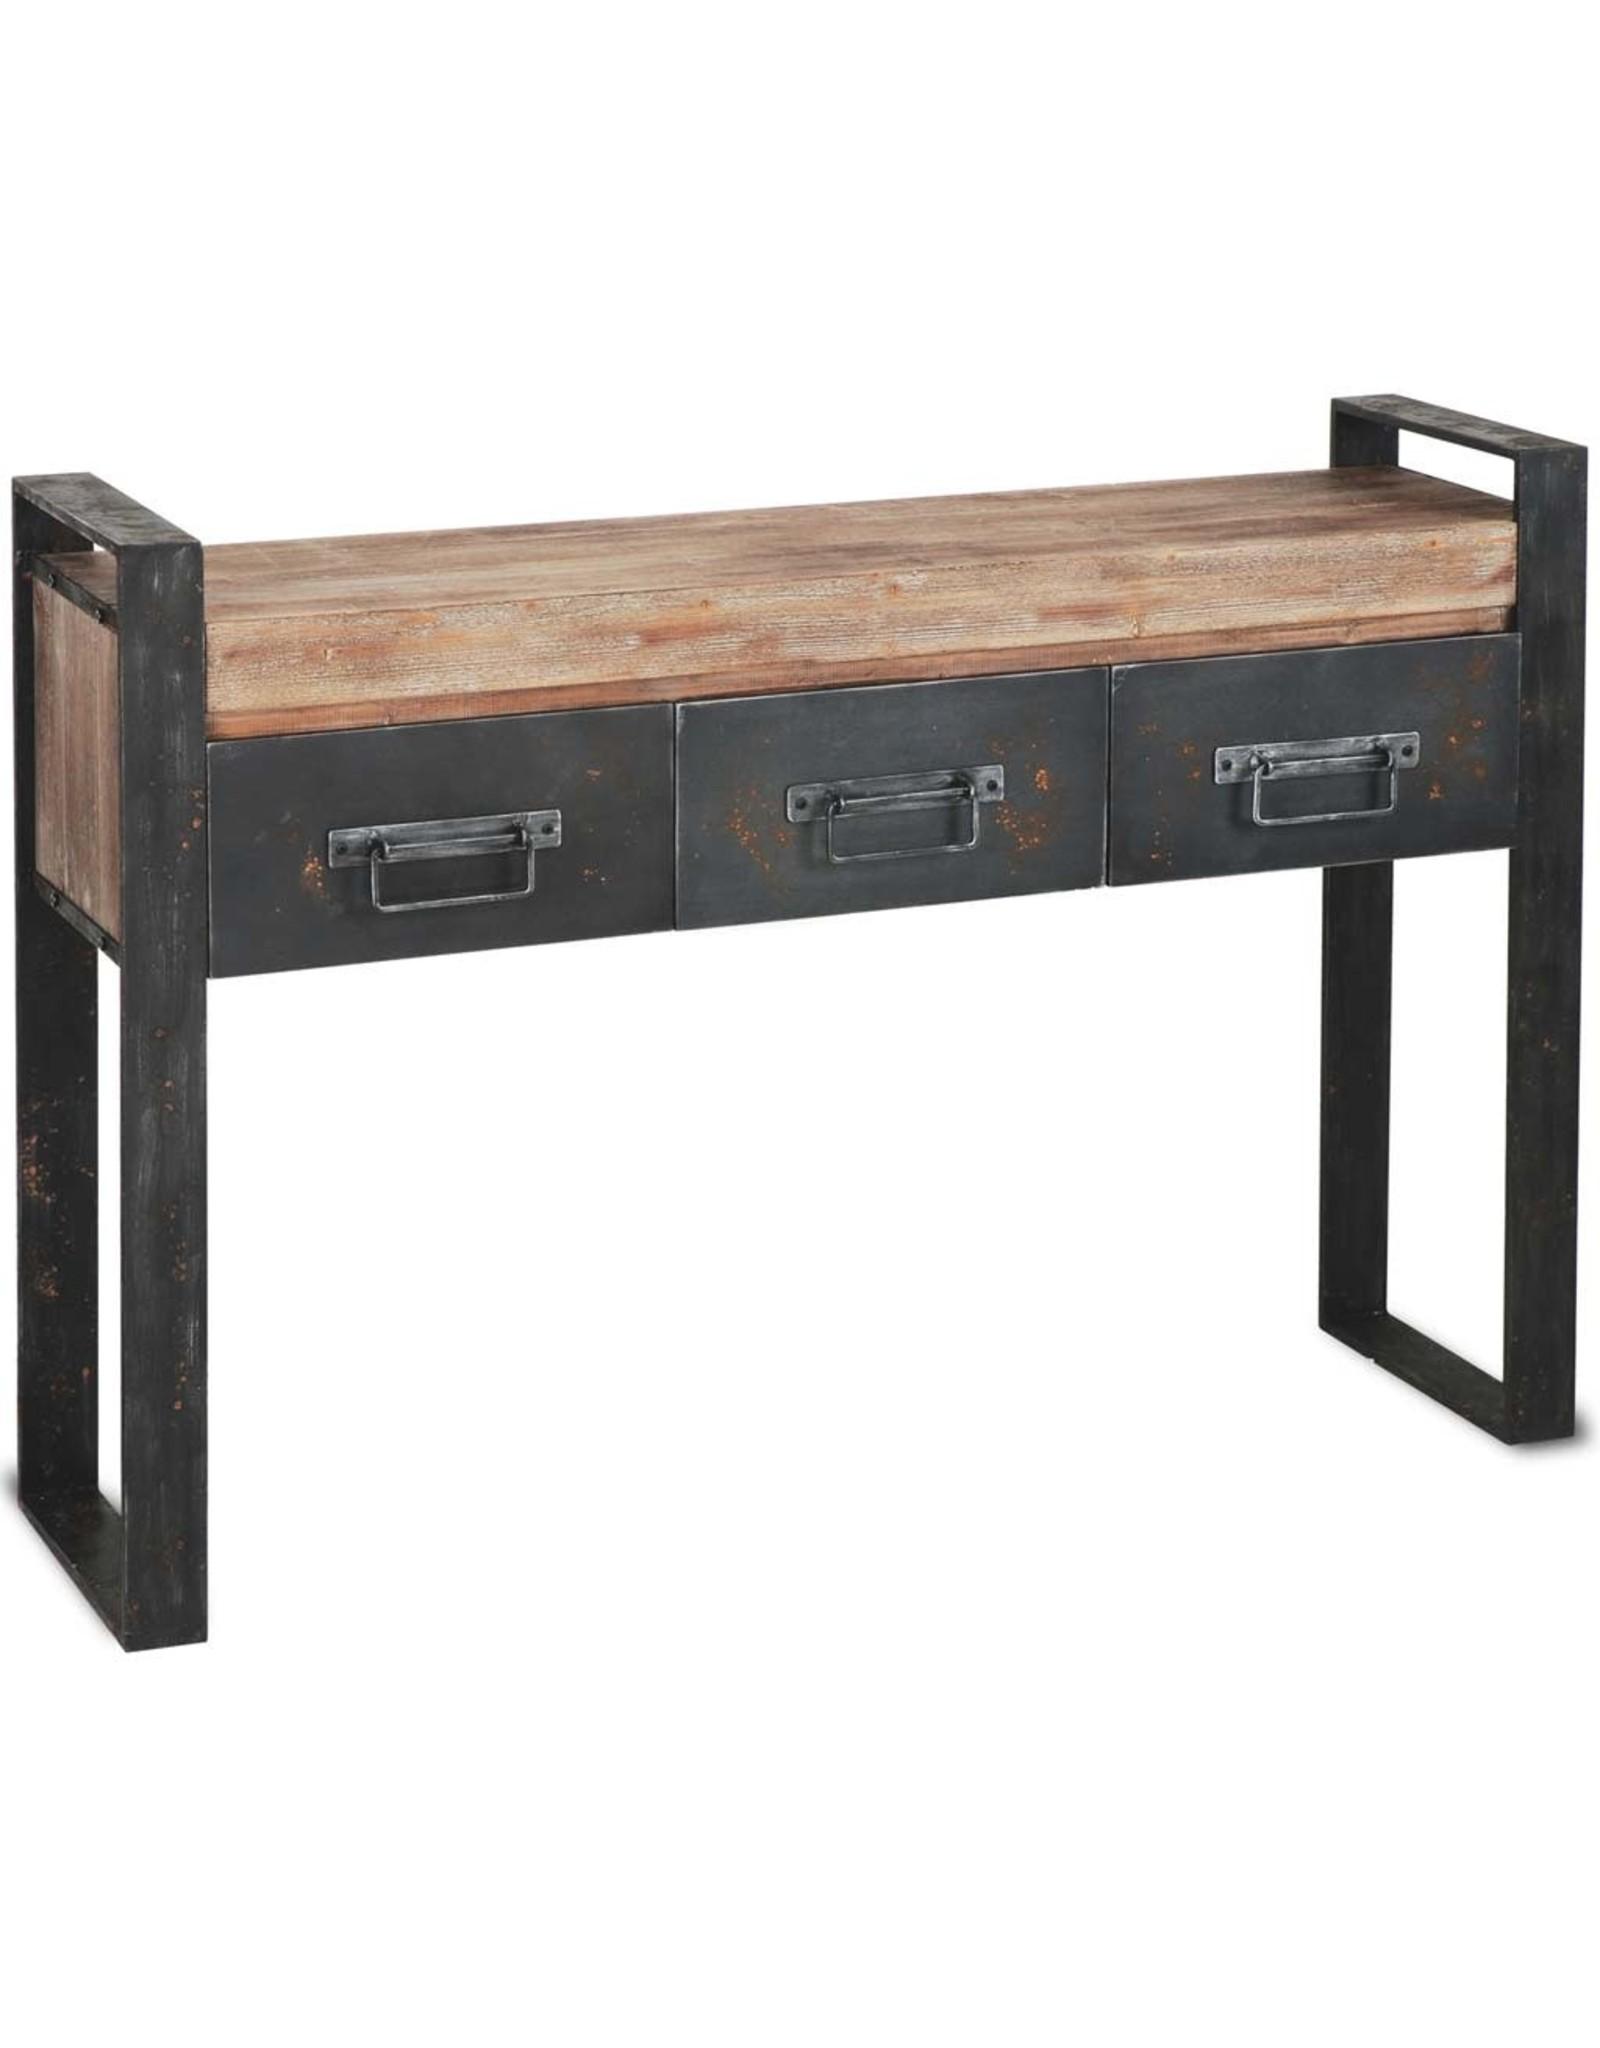 Table console « Carga » en bois brun et métal noir